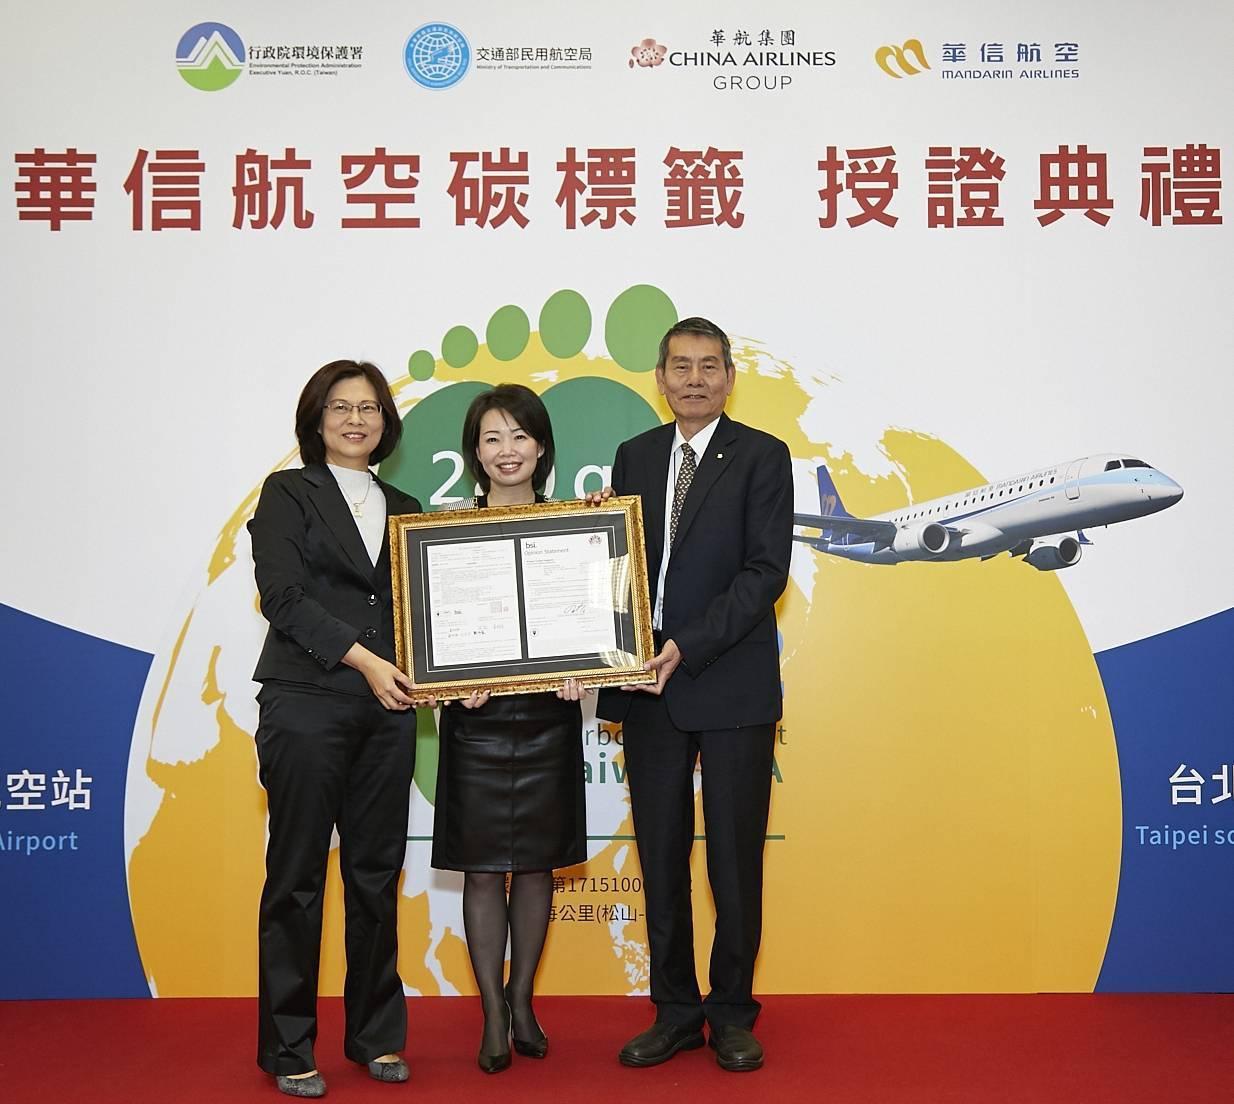 華信航空全球航空業首家獲得ISO 14067及我國碳標籤證書英國標準協會資深...